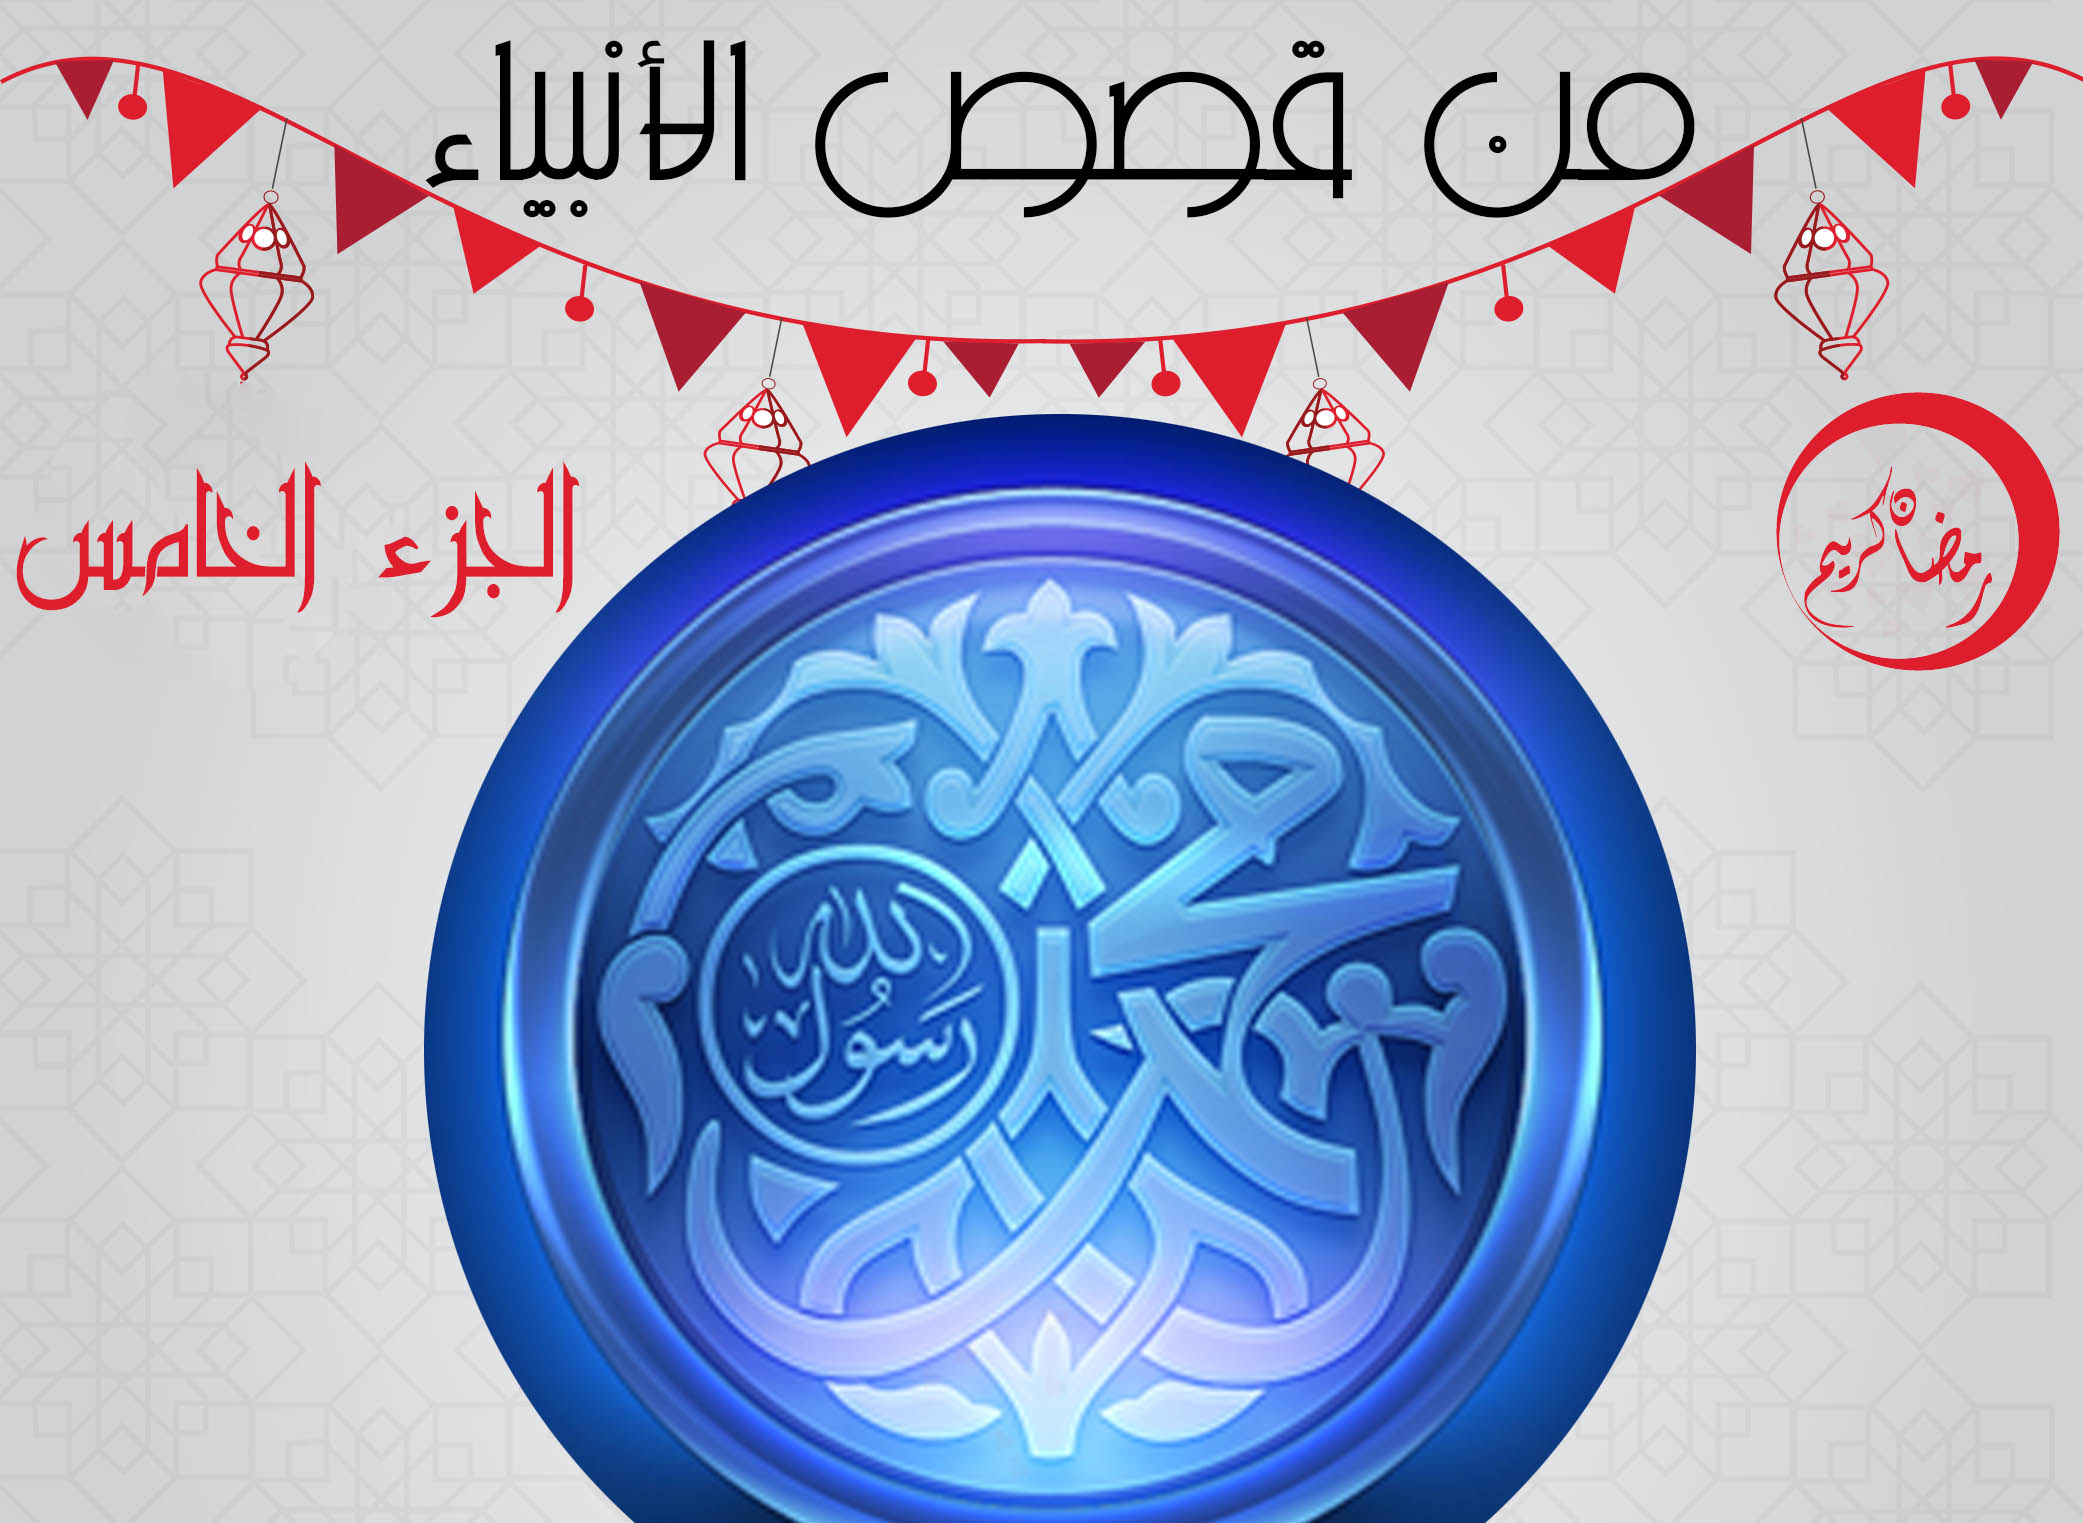 من قصص الأنبياء قصة محمد عليه الصلاة والسلام - ج5